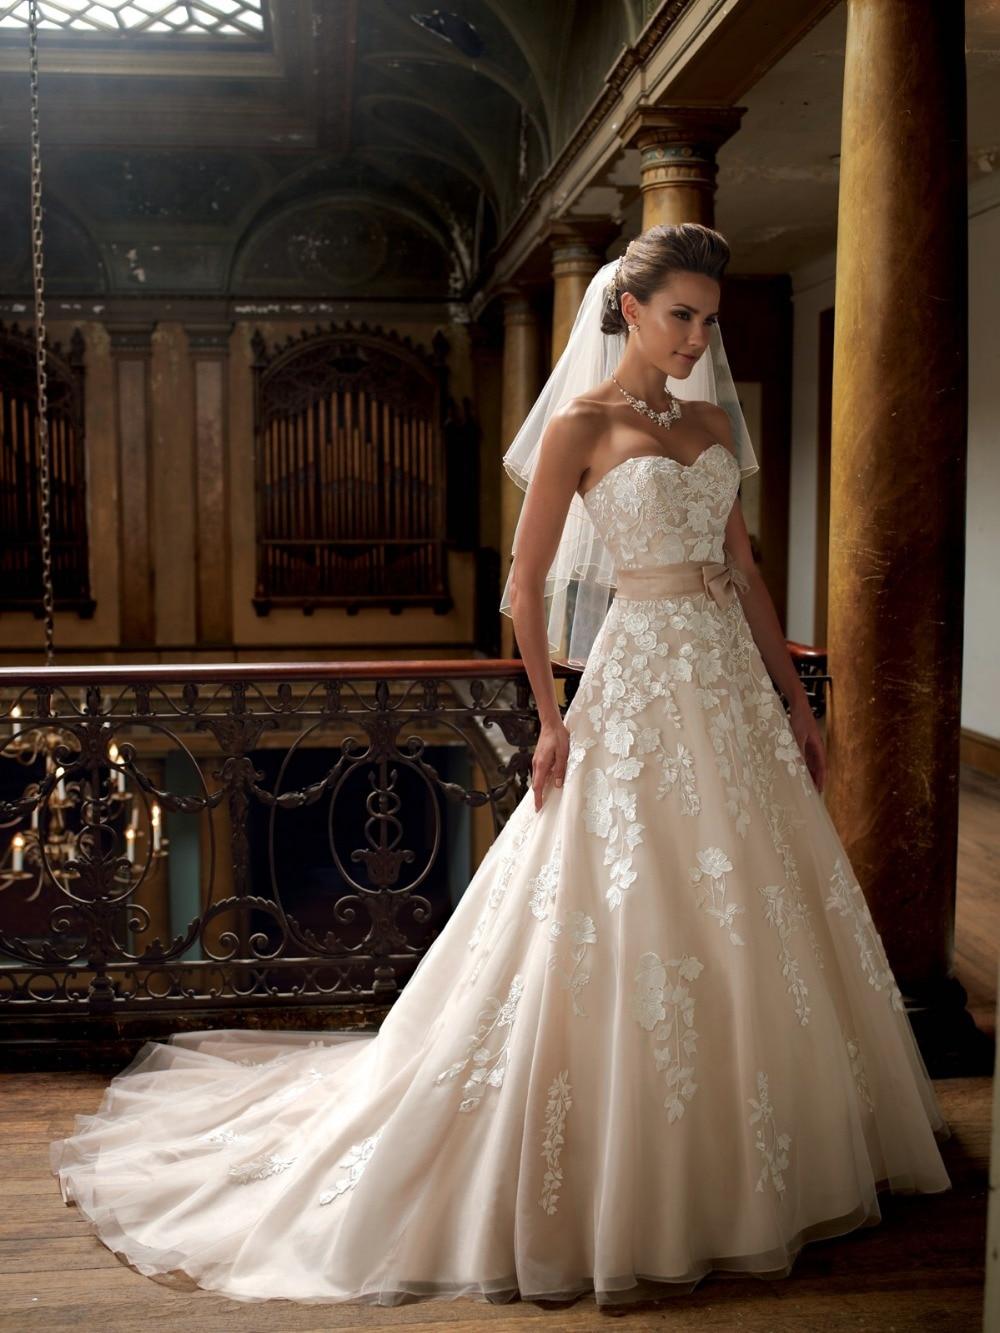 Fullsize Of Champagne Wedding Dress